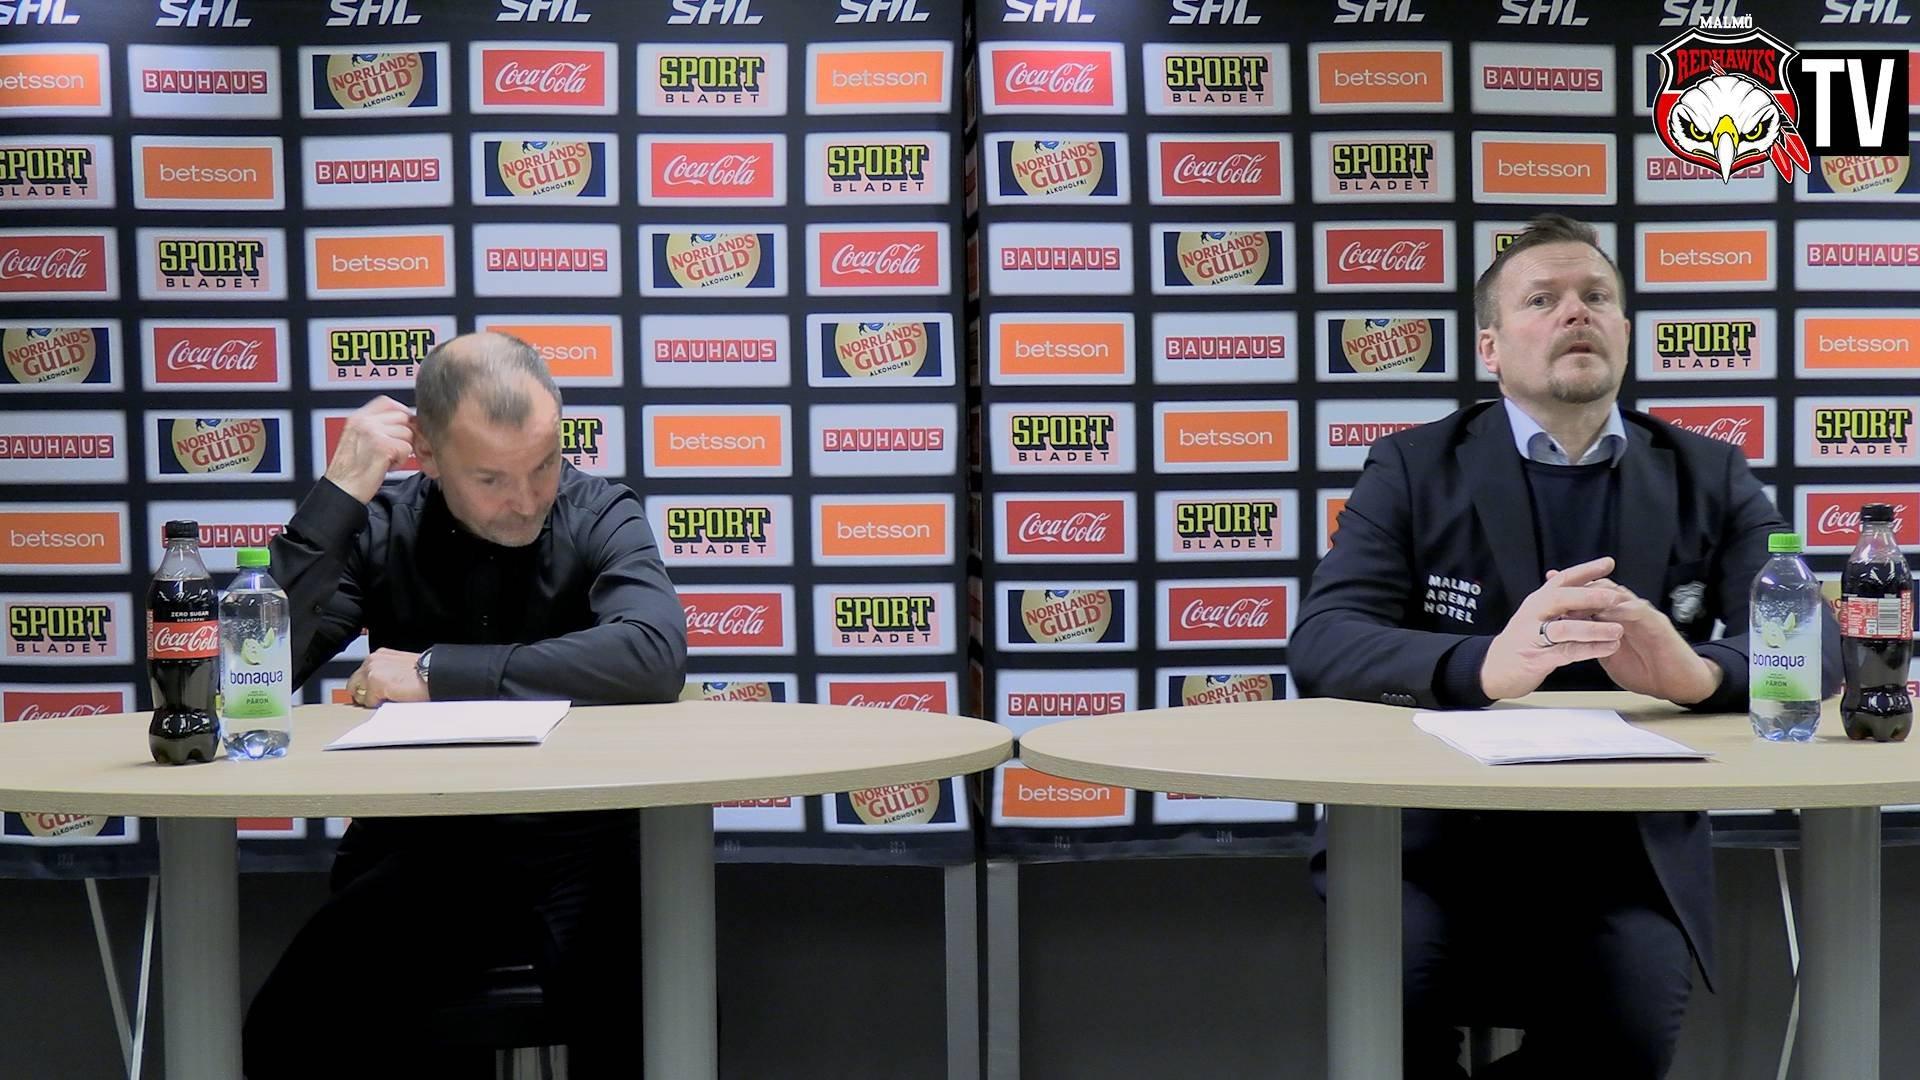 Presskonferens Malmö - Luleå